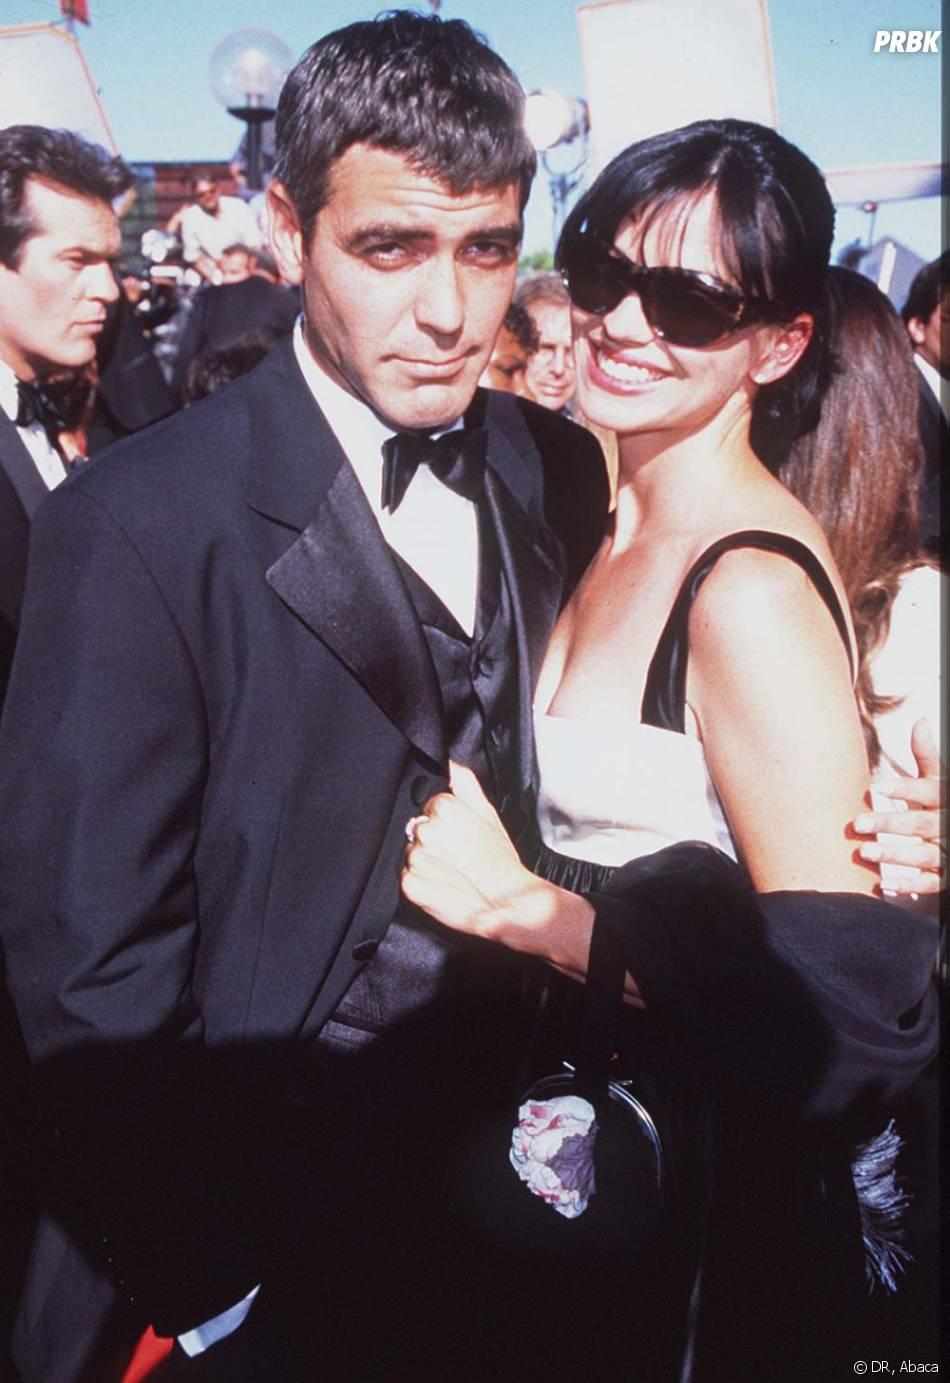 George Clooney et Karen Duffy en 1995, couple amoureux et heureux.